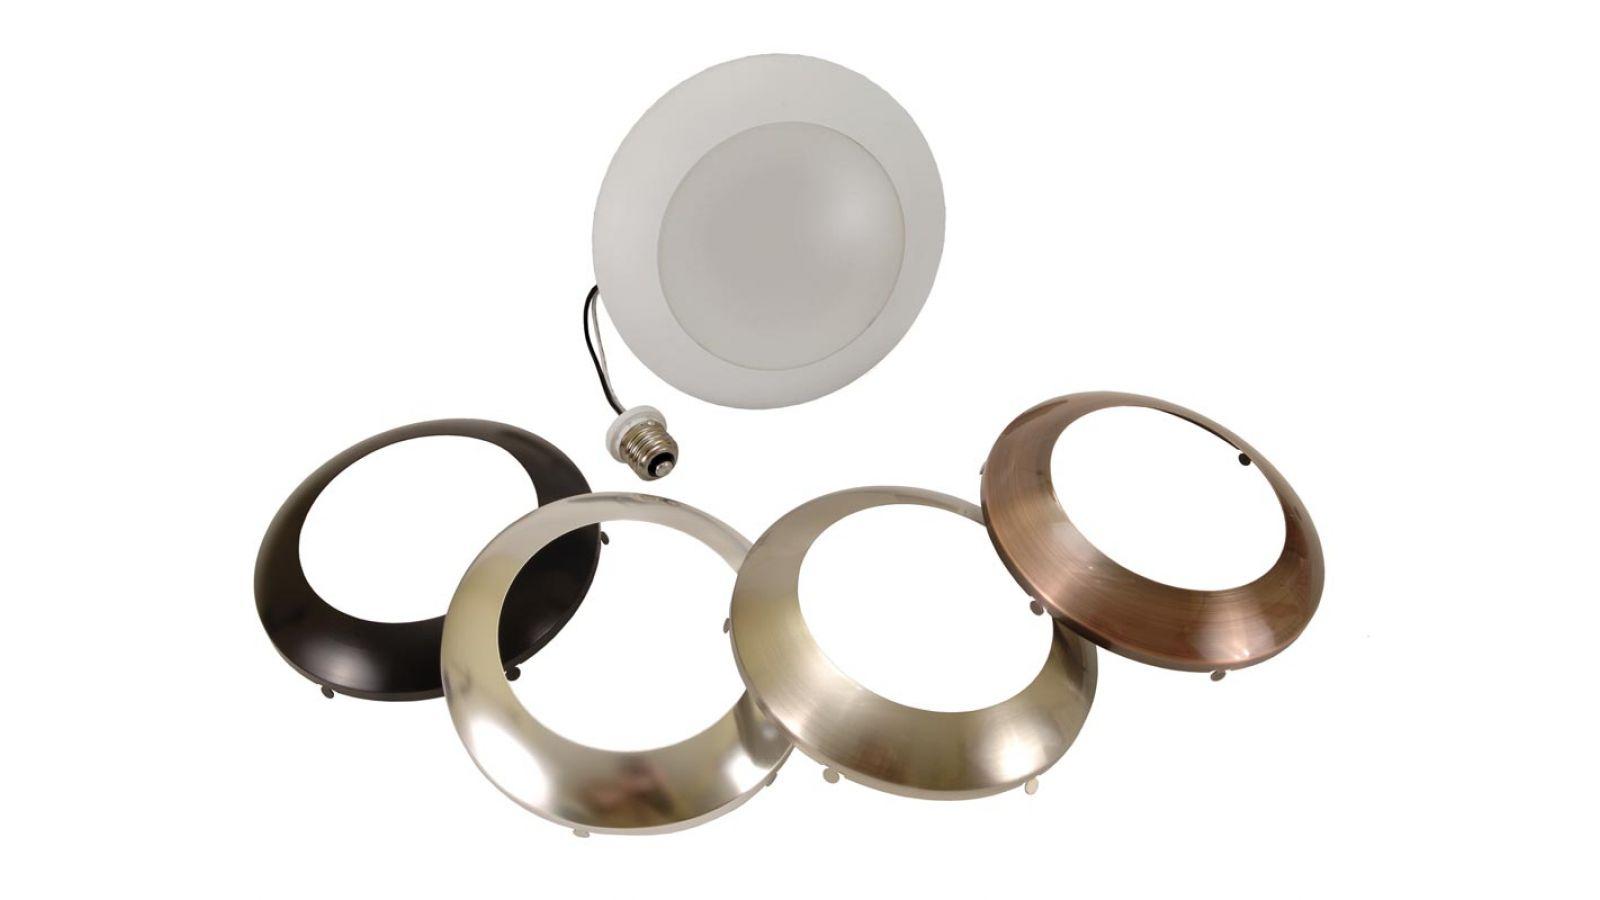 SYLVANIA ULTRA LED Lightdisk